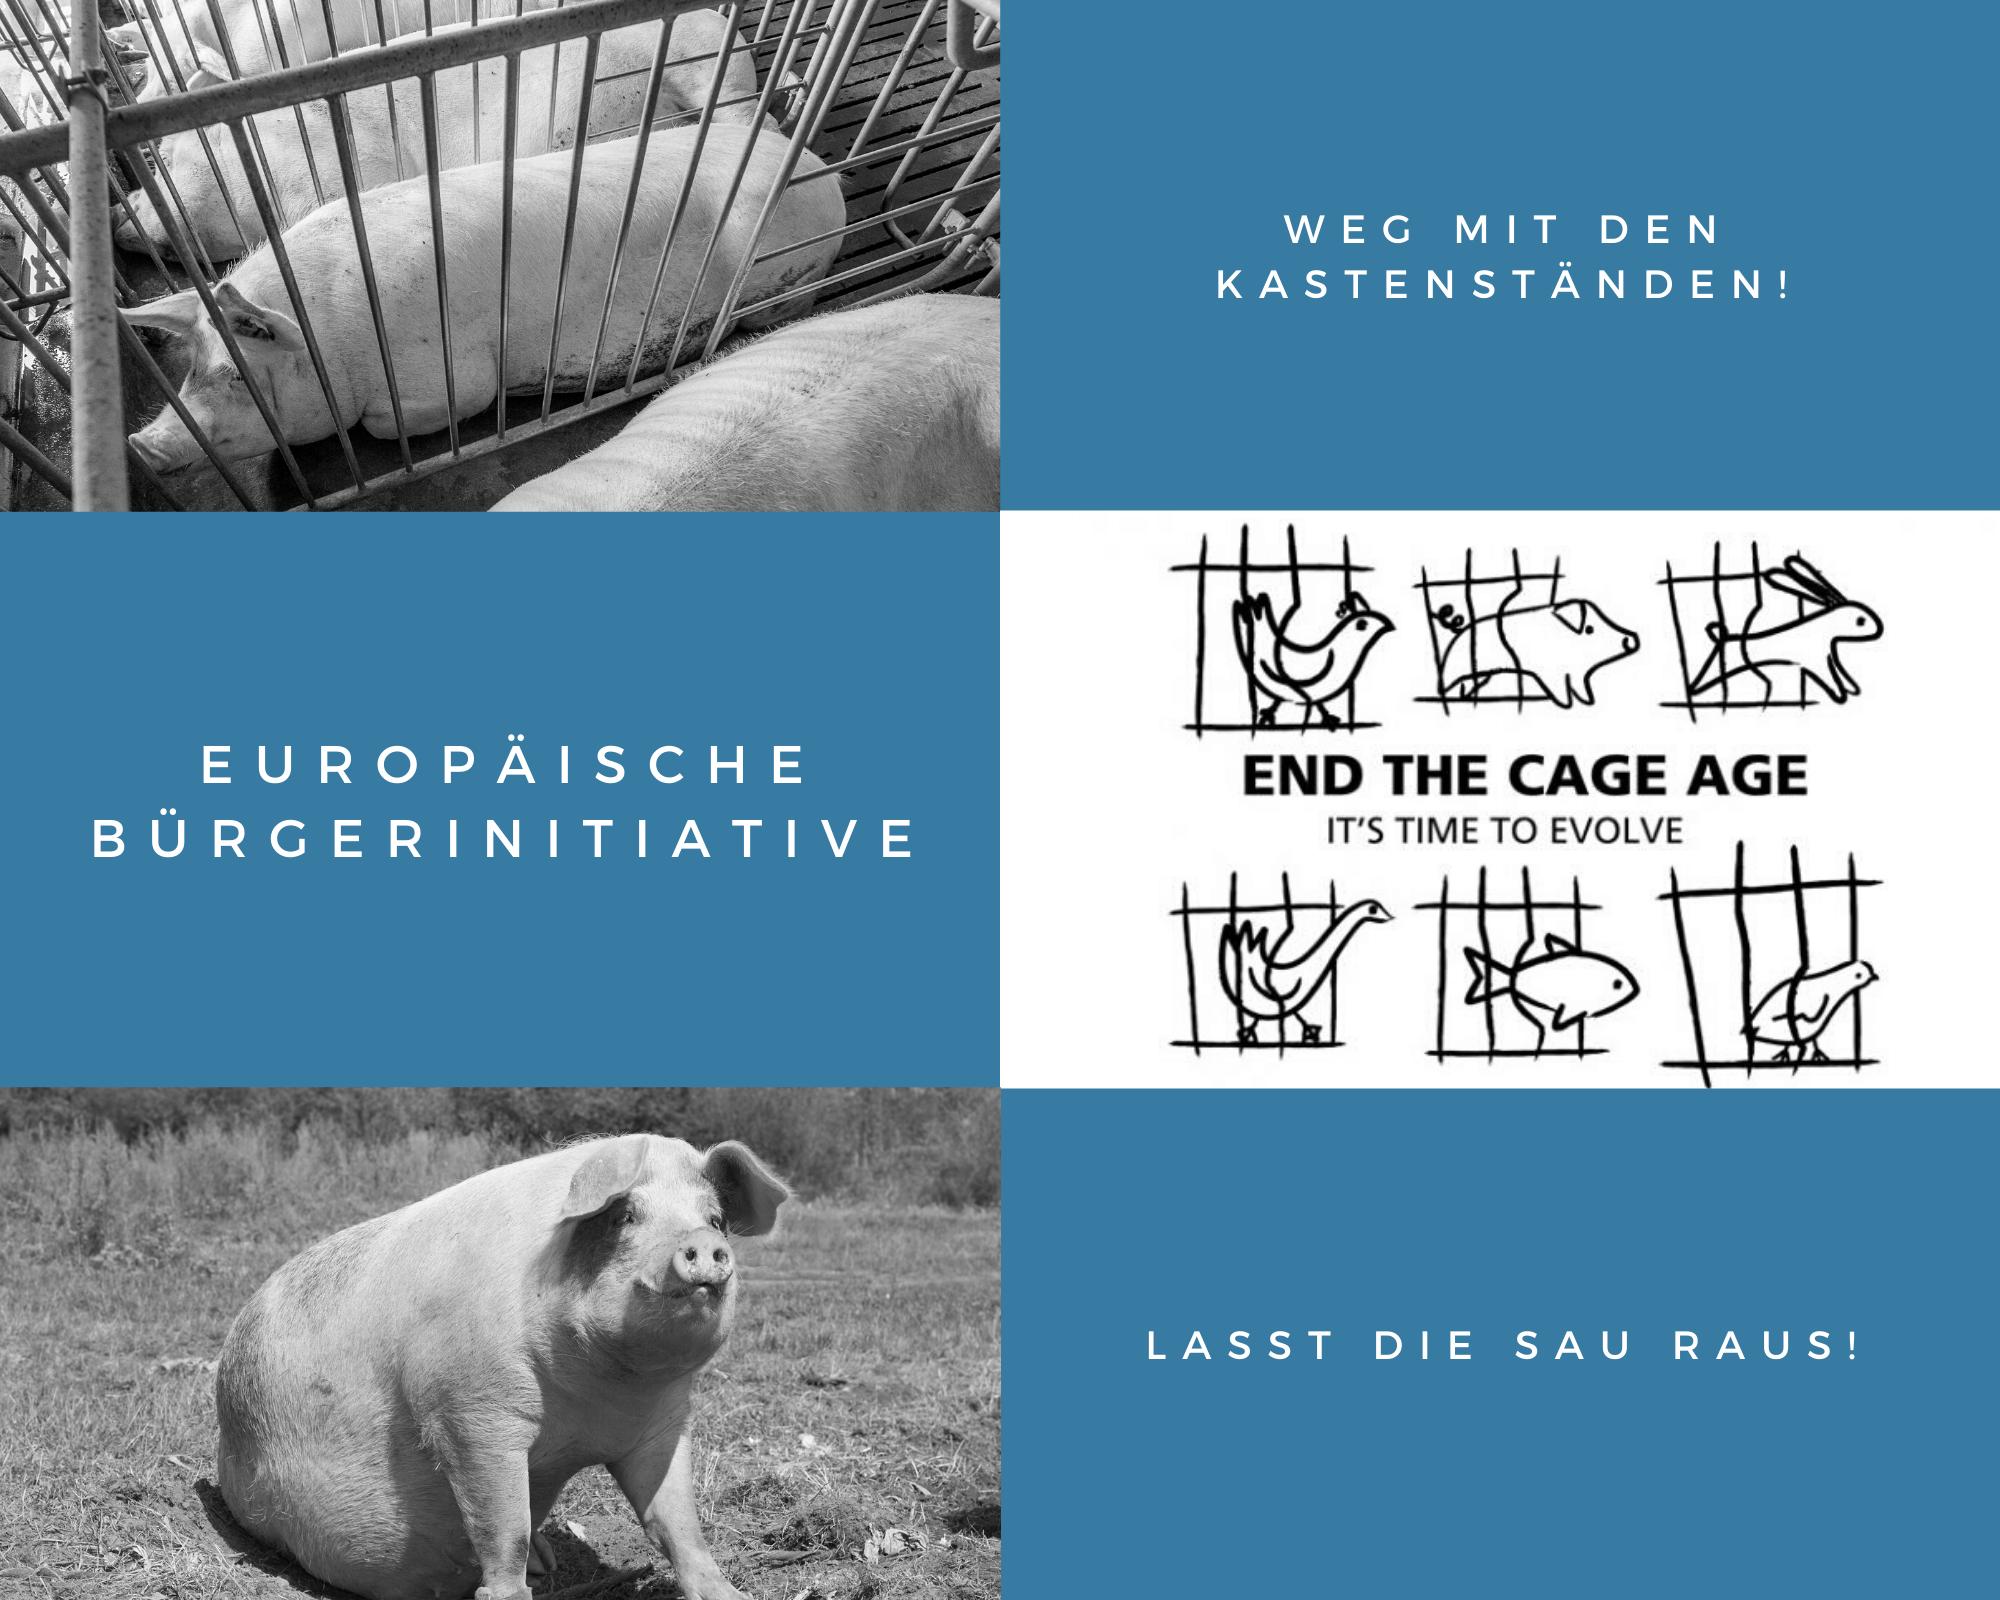 Endthecageage - Bürgerinitiative